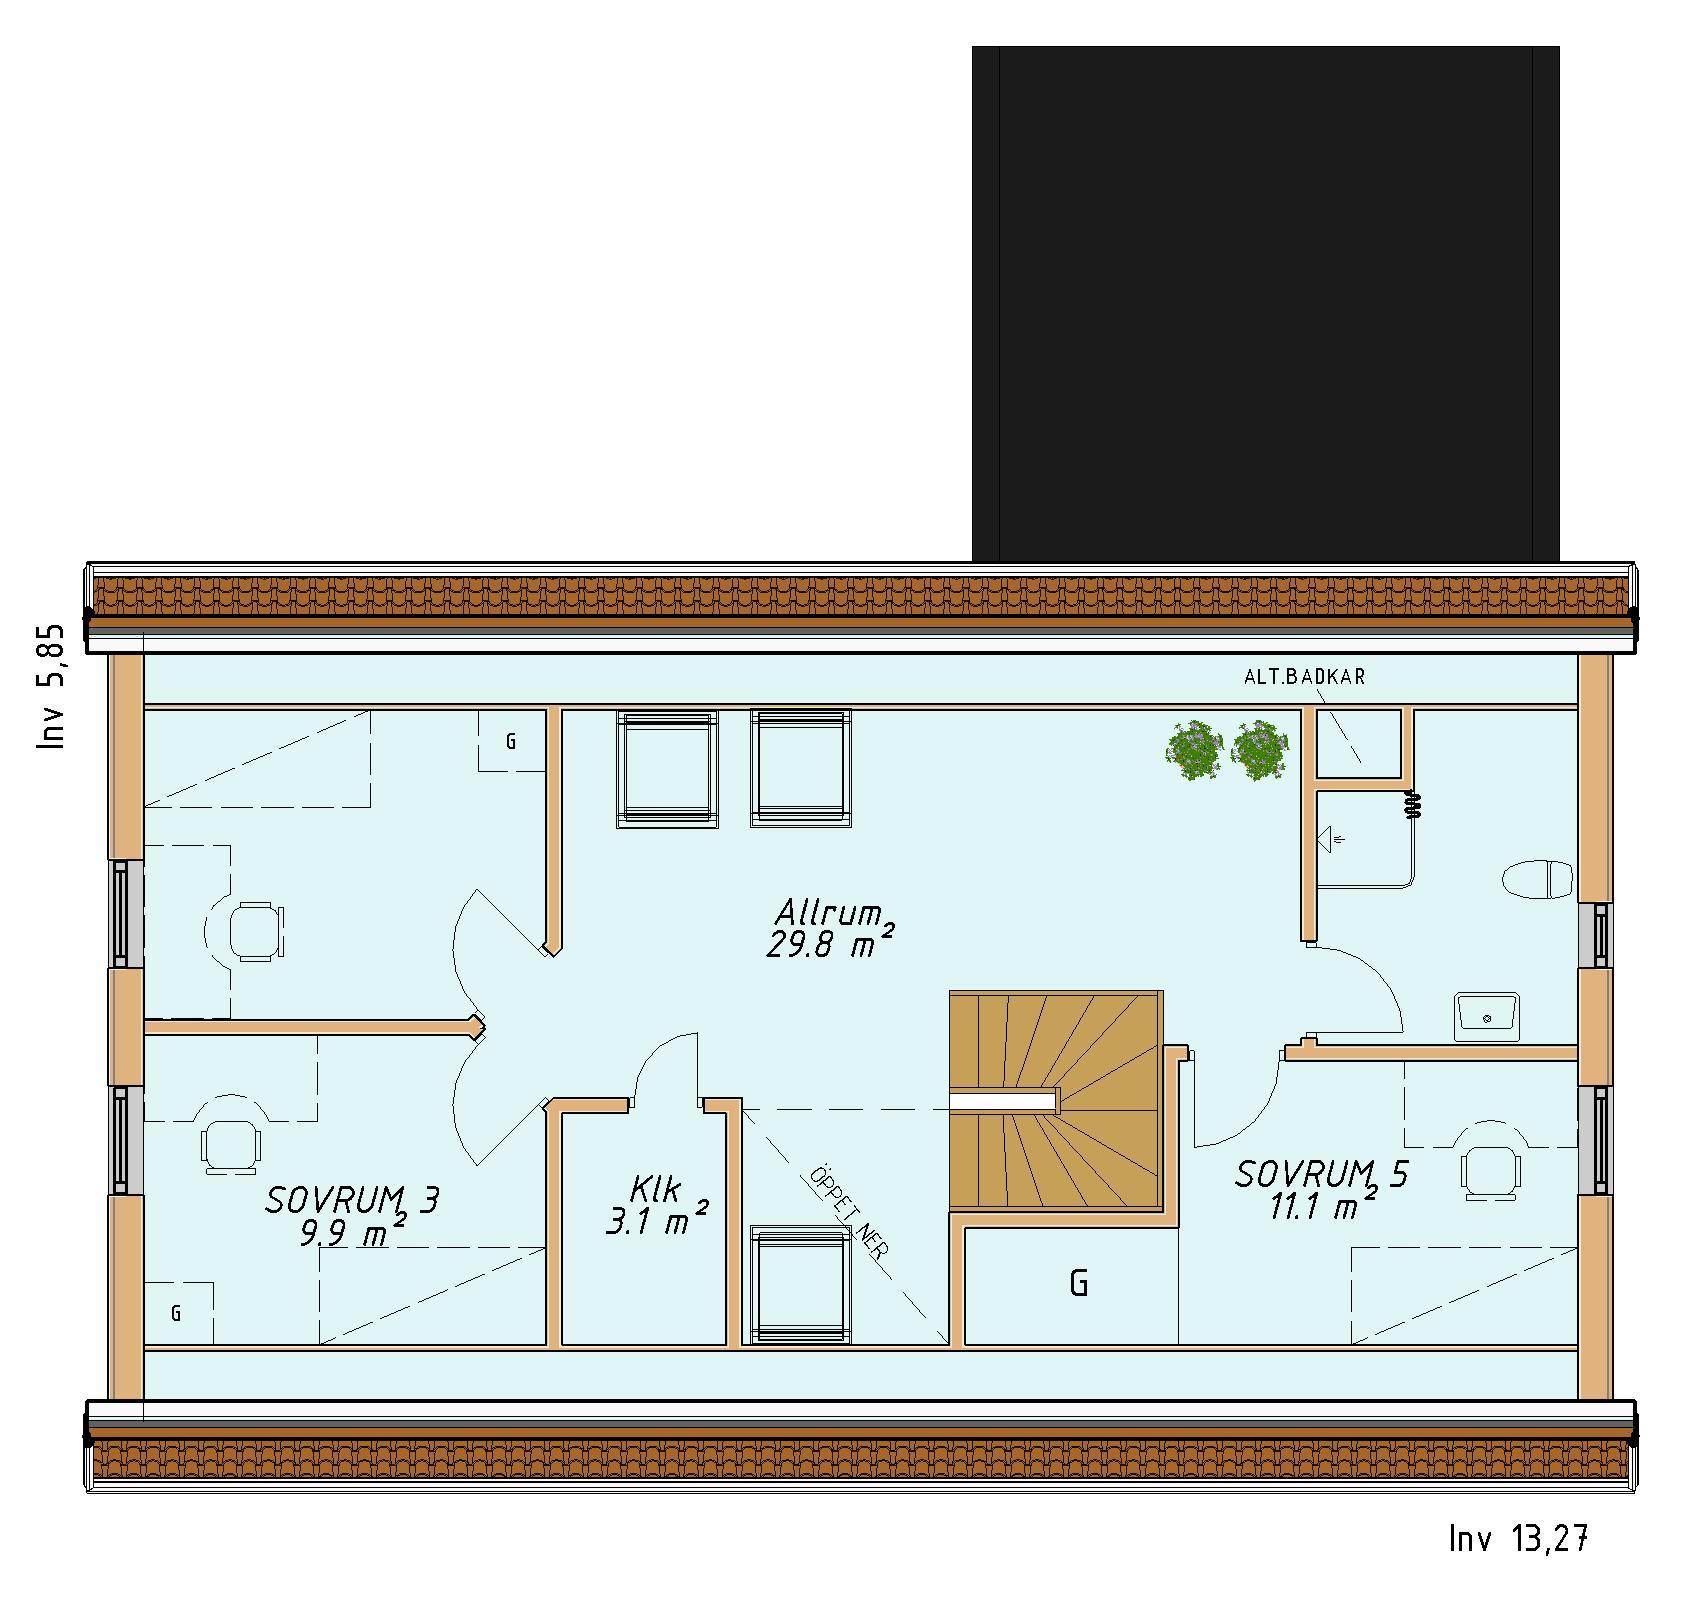 planlosningsbild 2 av SKÅRBY